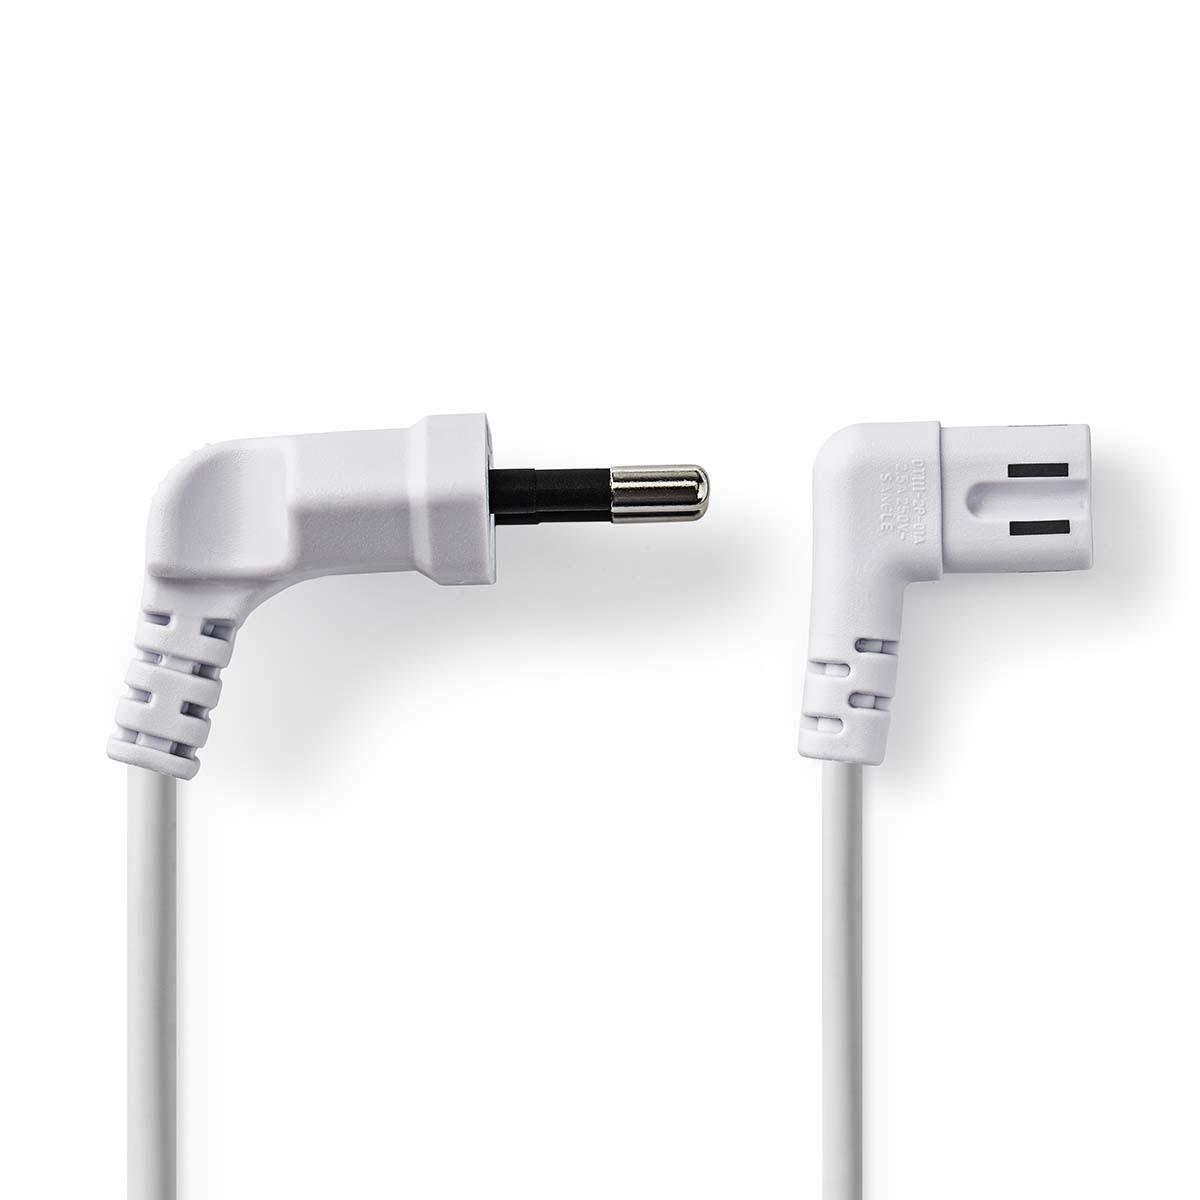 TronicXL - Cable de alimentación en ángulo para televisores y radios de Samsung LG, Panasonic (2 m): Amazon.es: Electrónica